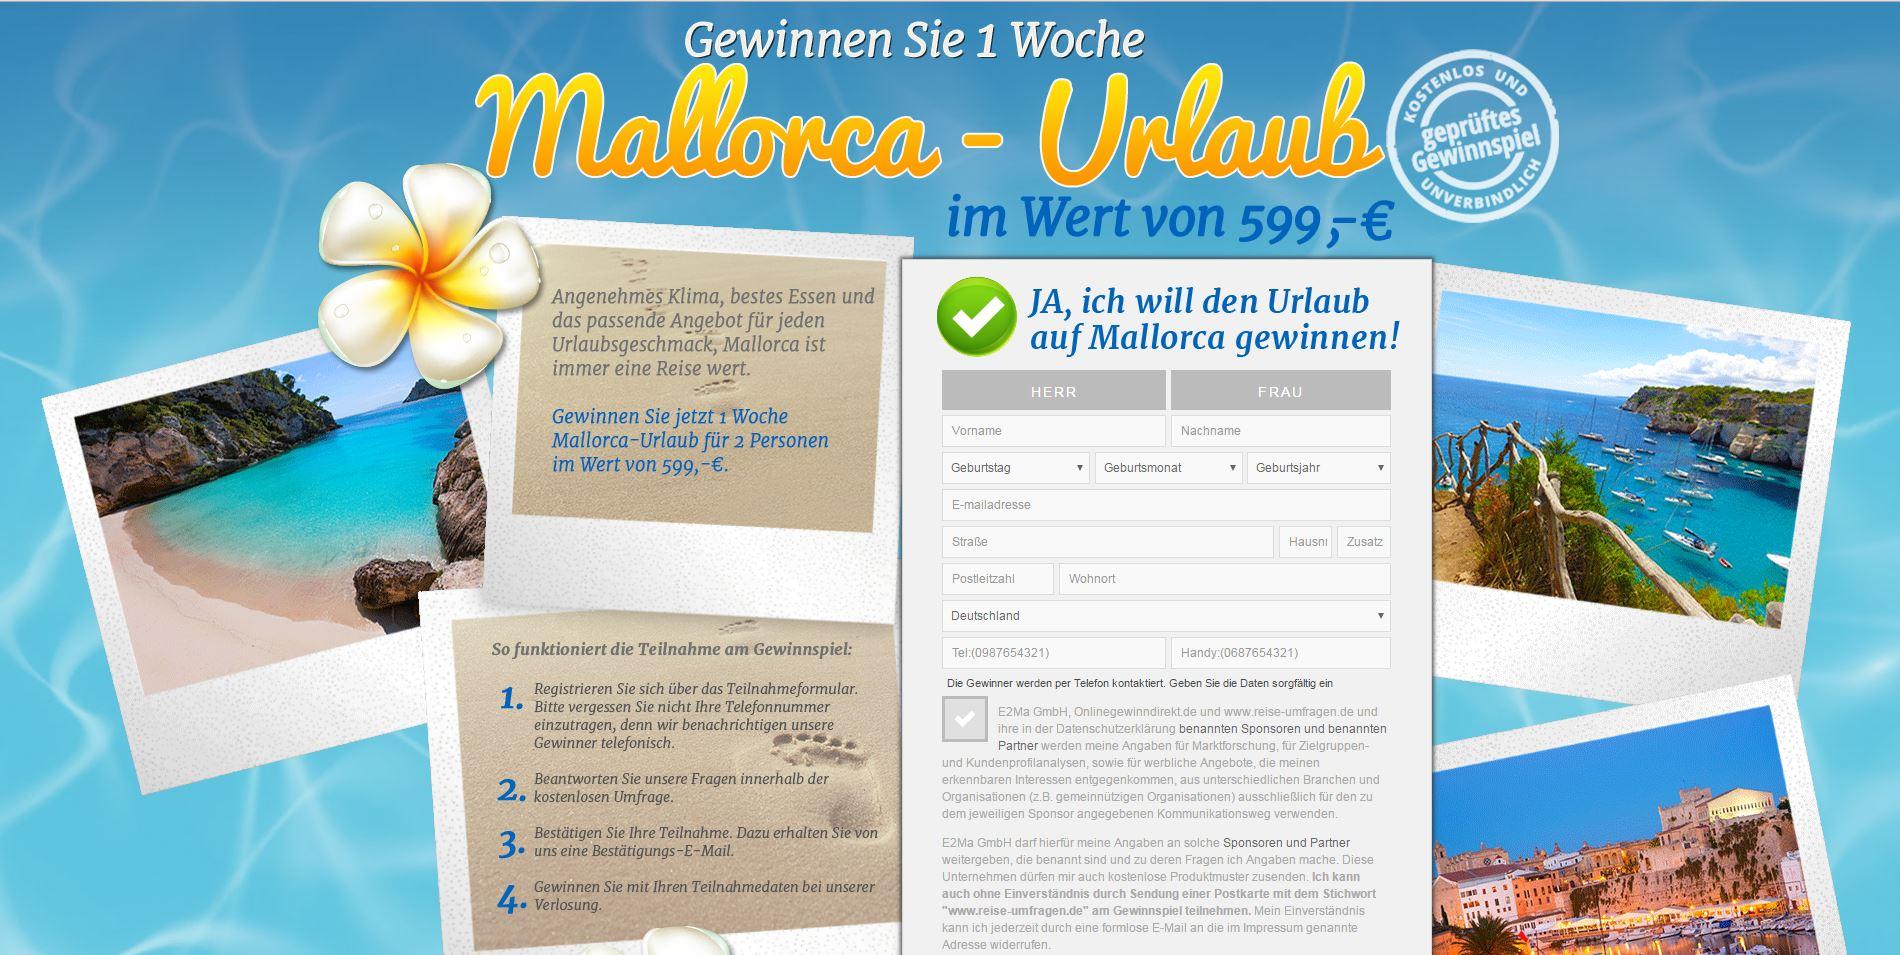 www.netto-online/glueck.de